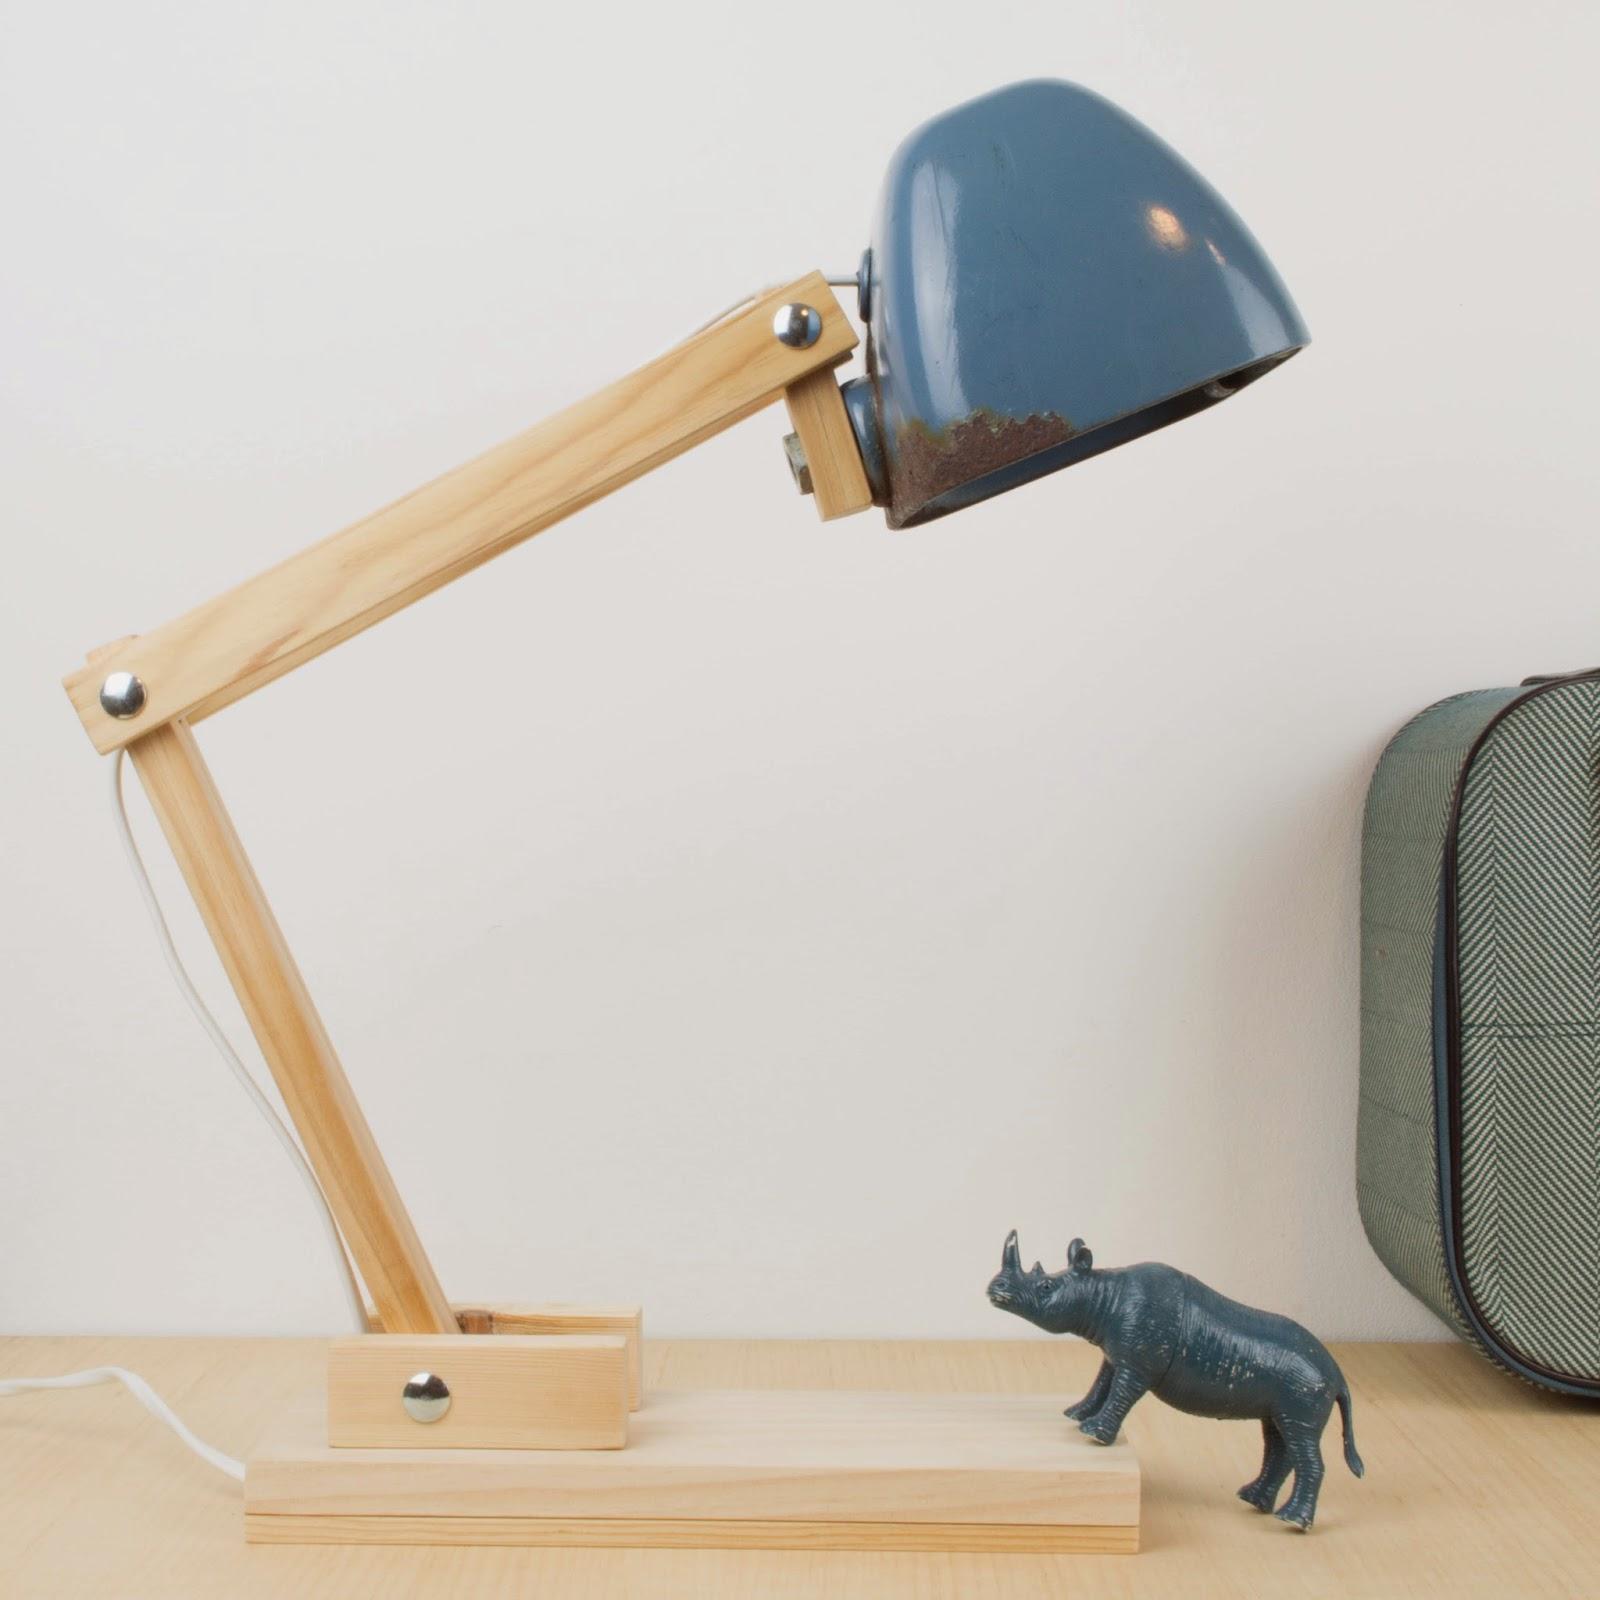 Antic chic decoraci n vintage y eco chic diy c mo - Como hacer una lampara de pared ...